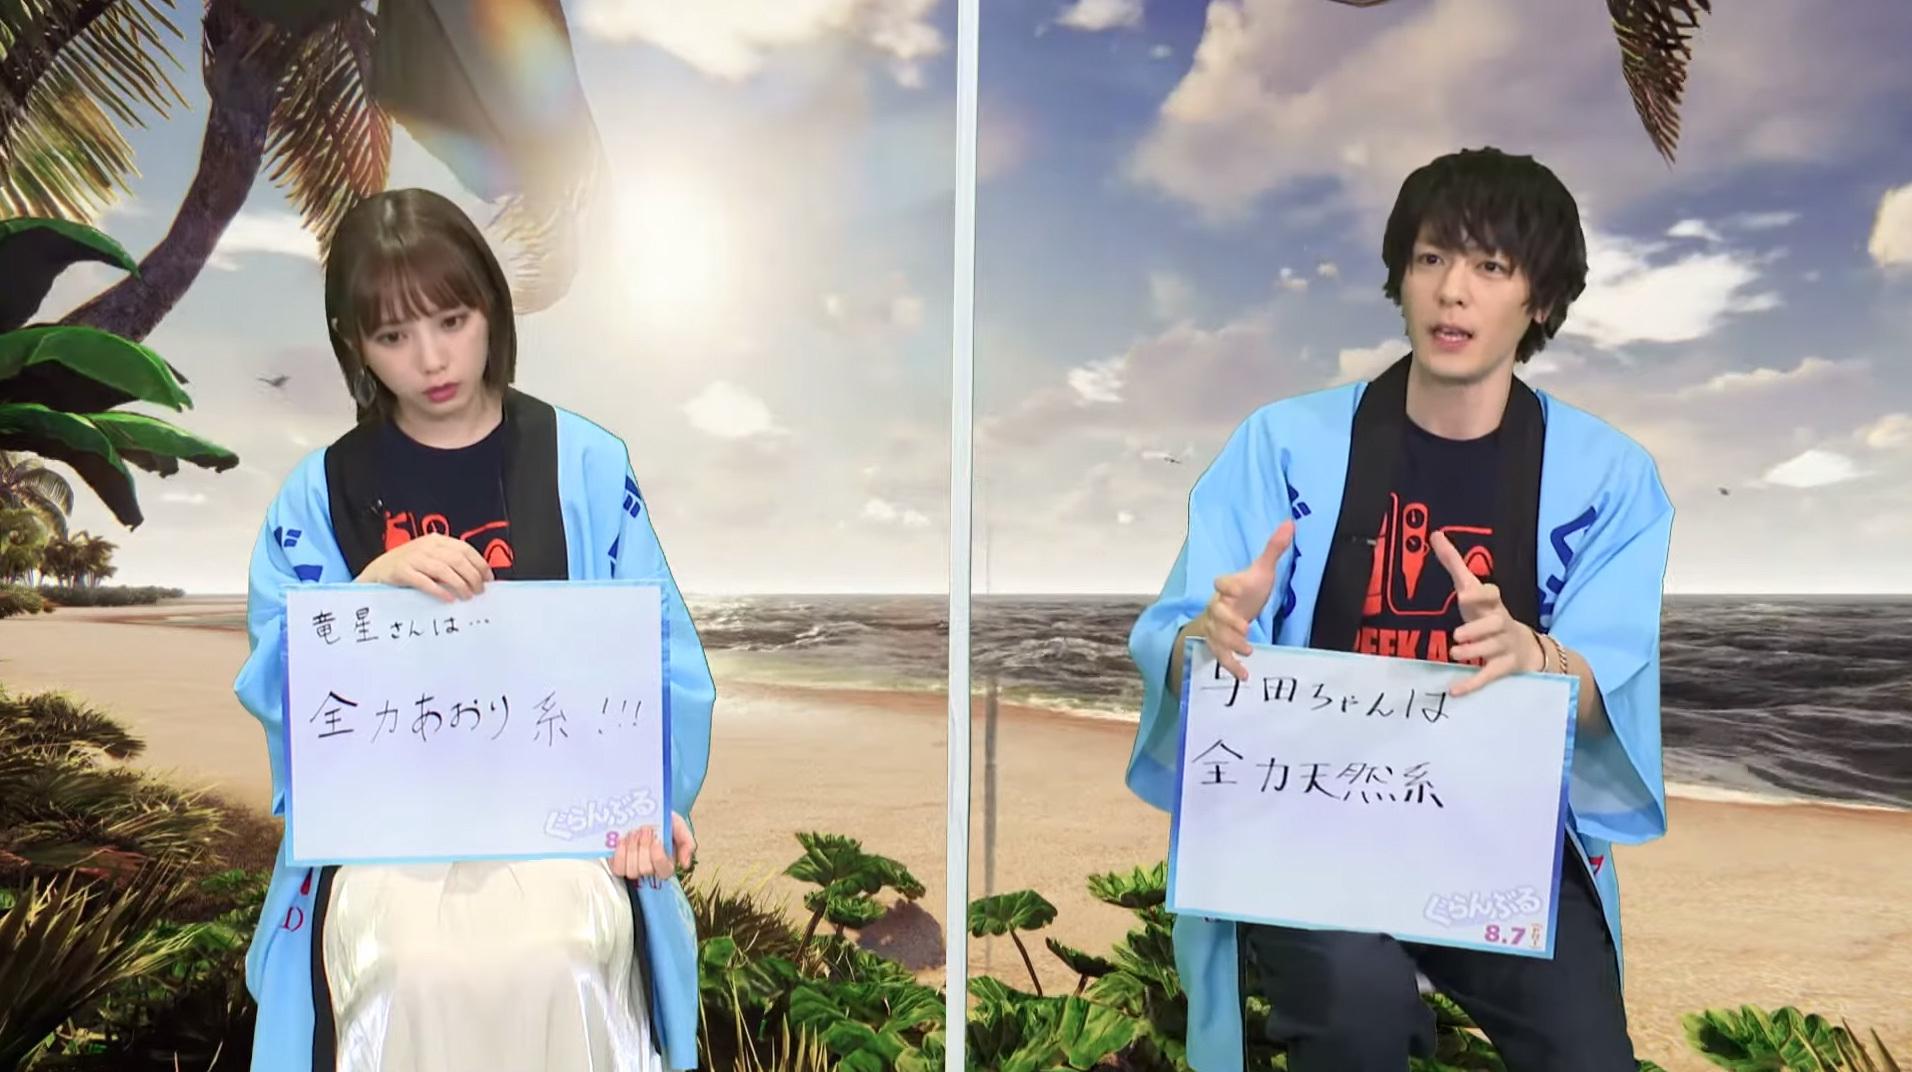 映画「ぐらんぶる」公開記念 前夜祭 与田祐希は全力天然系